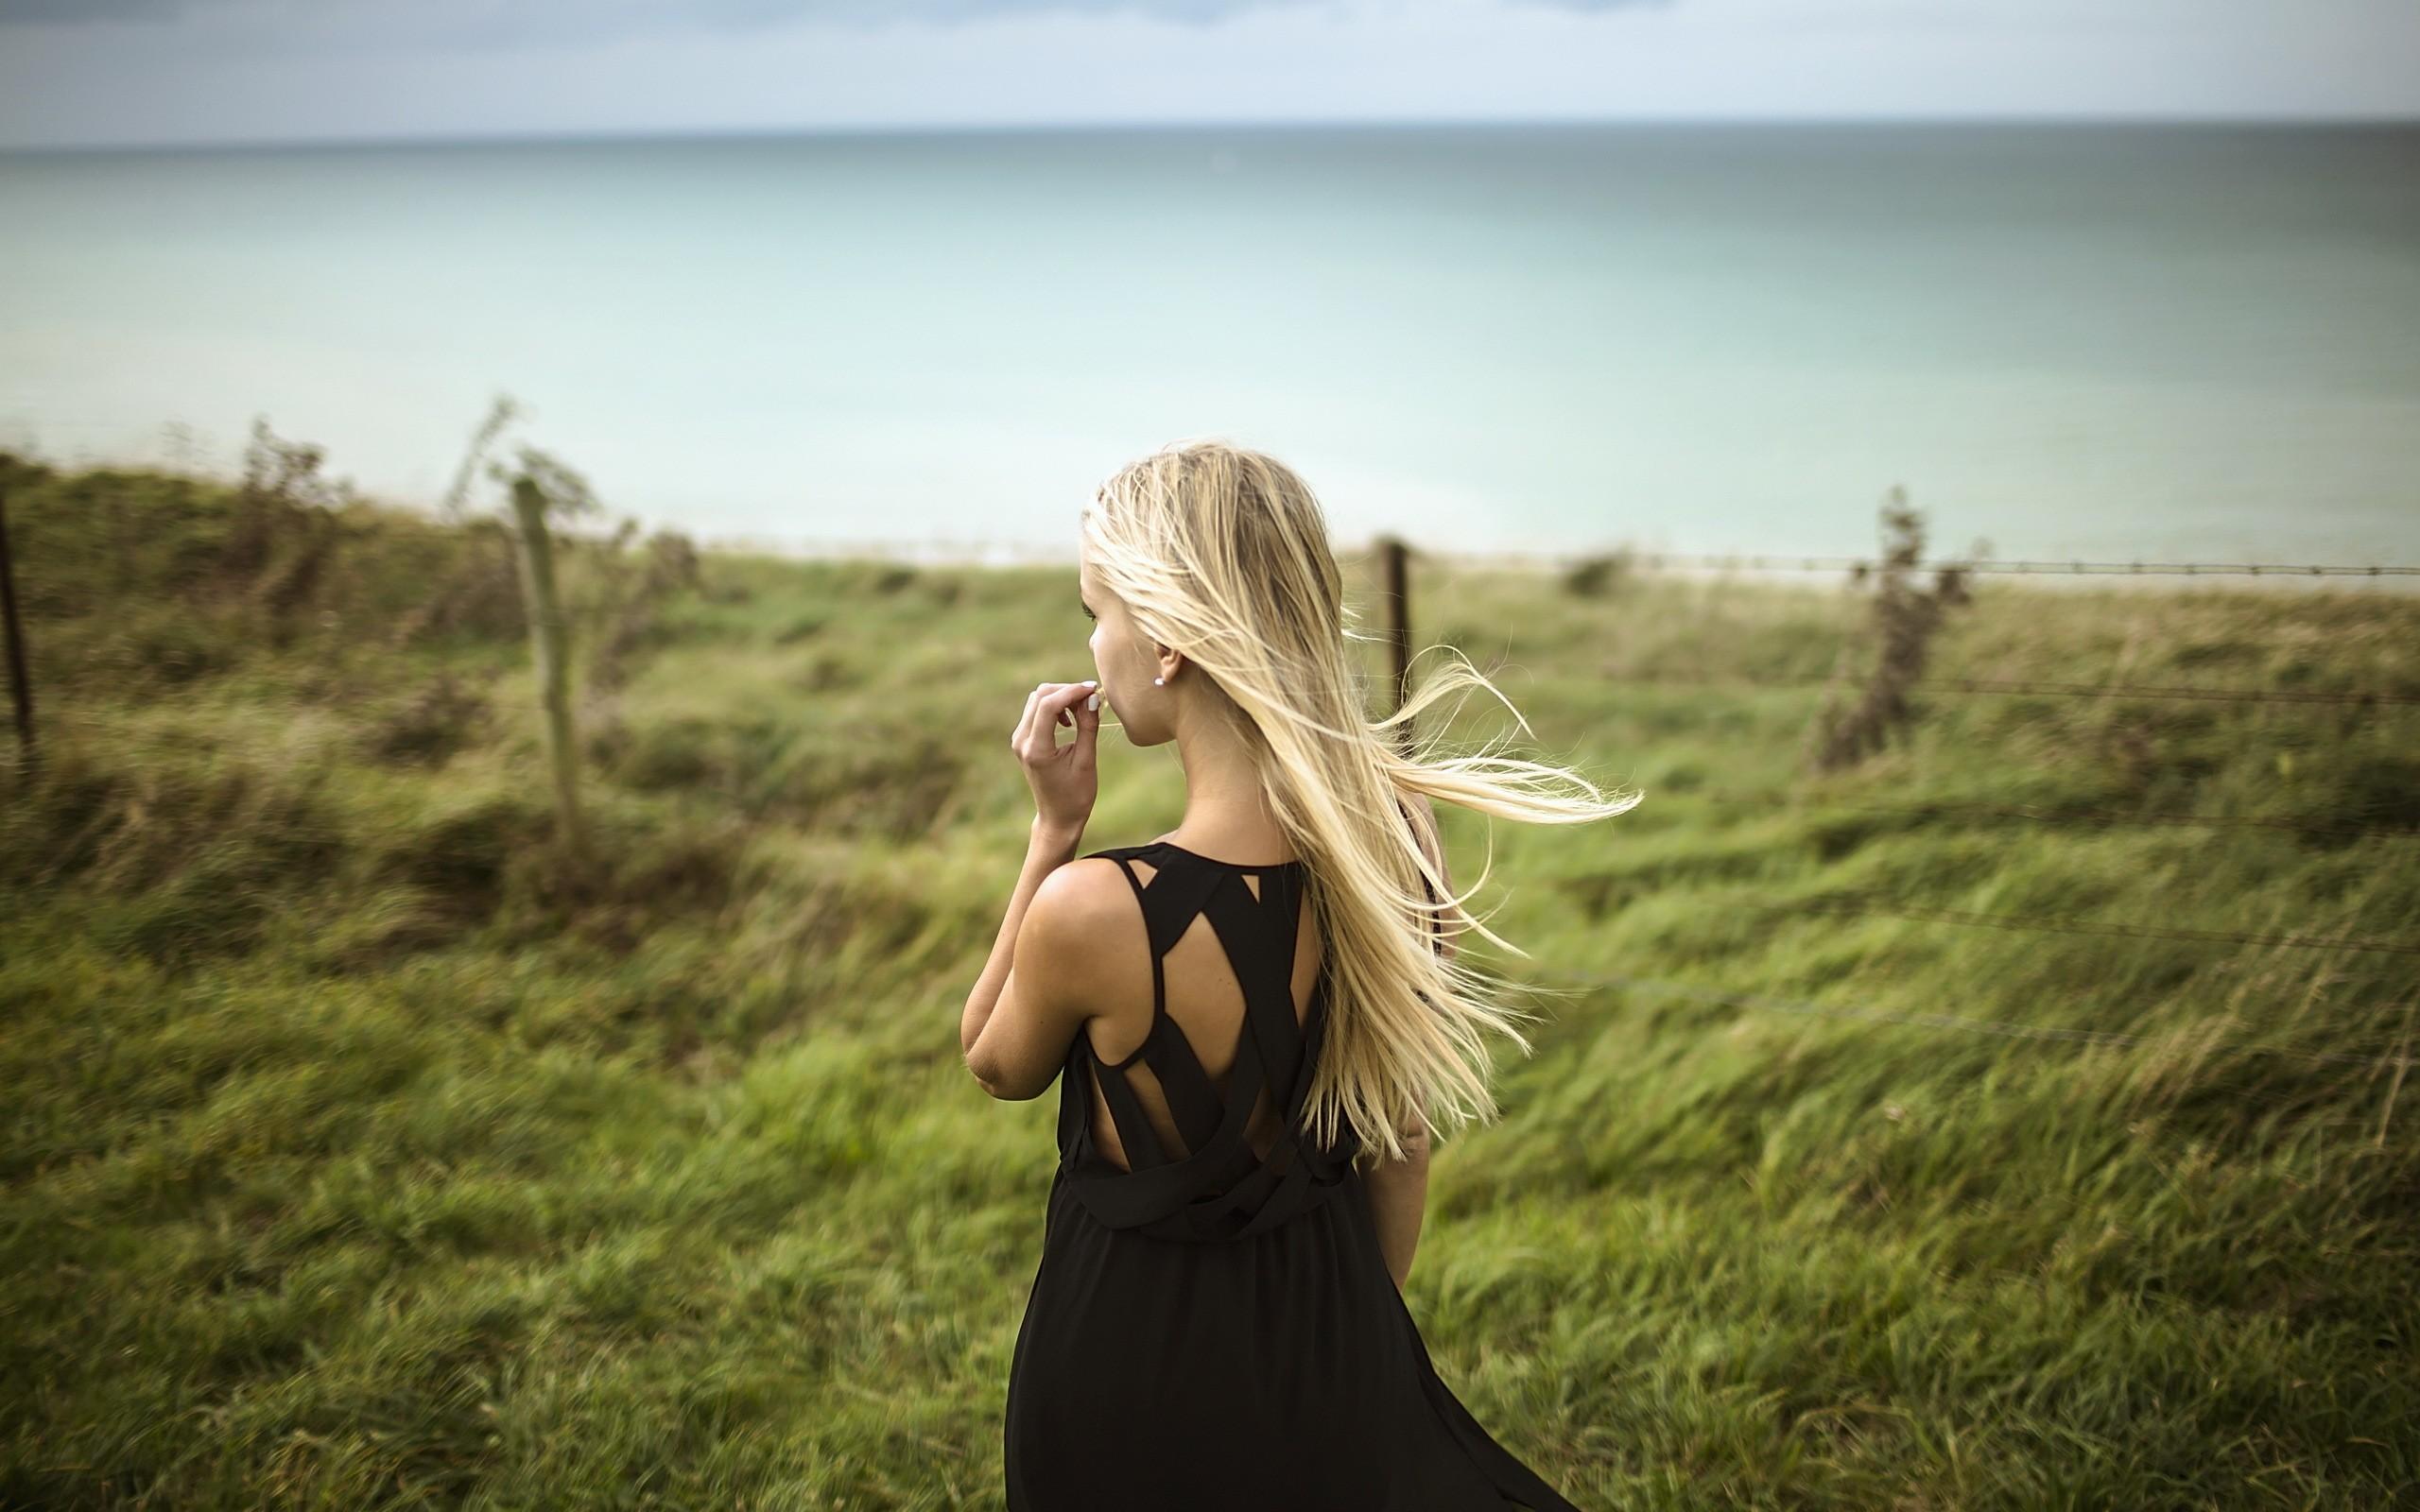 Картинки блондинки на аву спиной